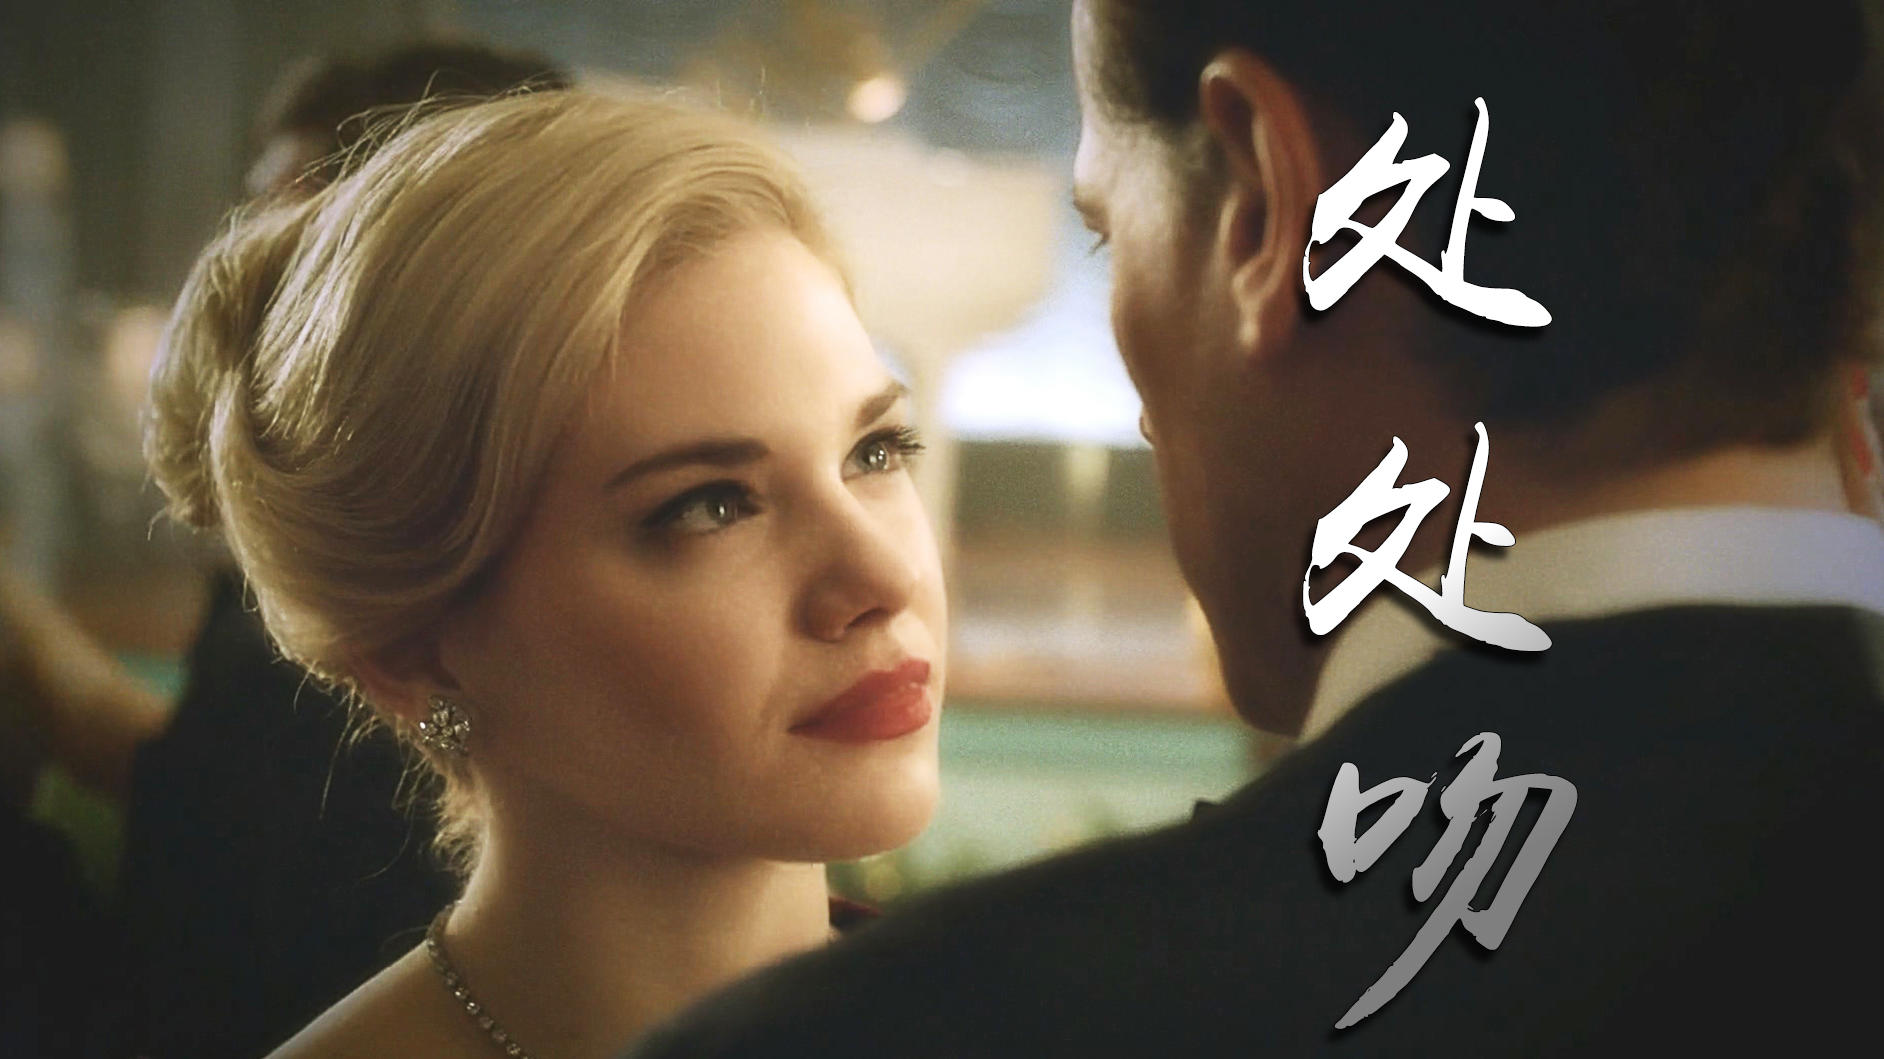 #追剧不能停#混剪:《不死法医》处处吻愣着干嘛!阿比盖尔大宝贝不香吗!